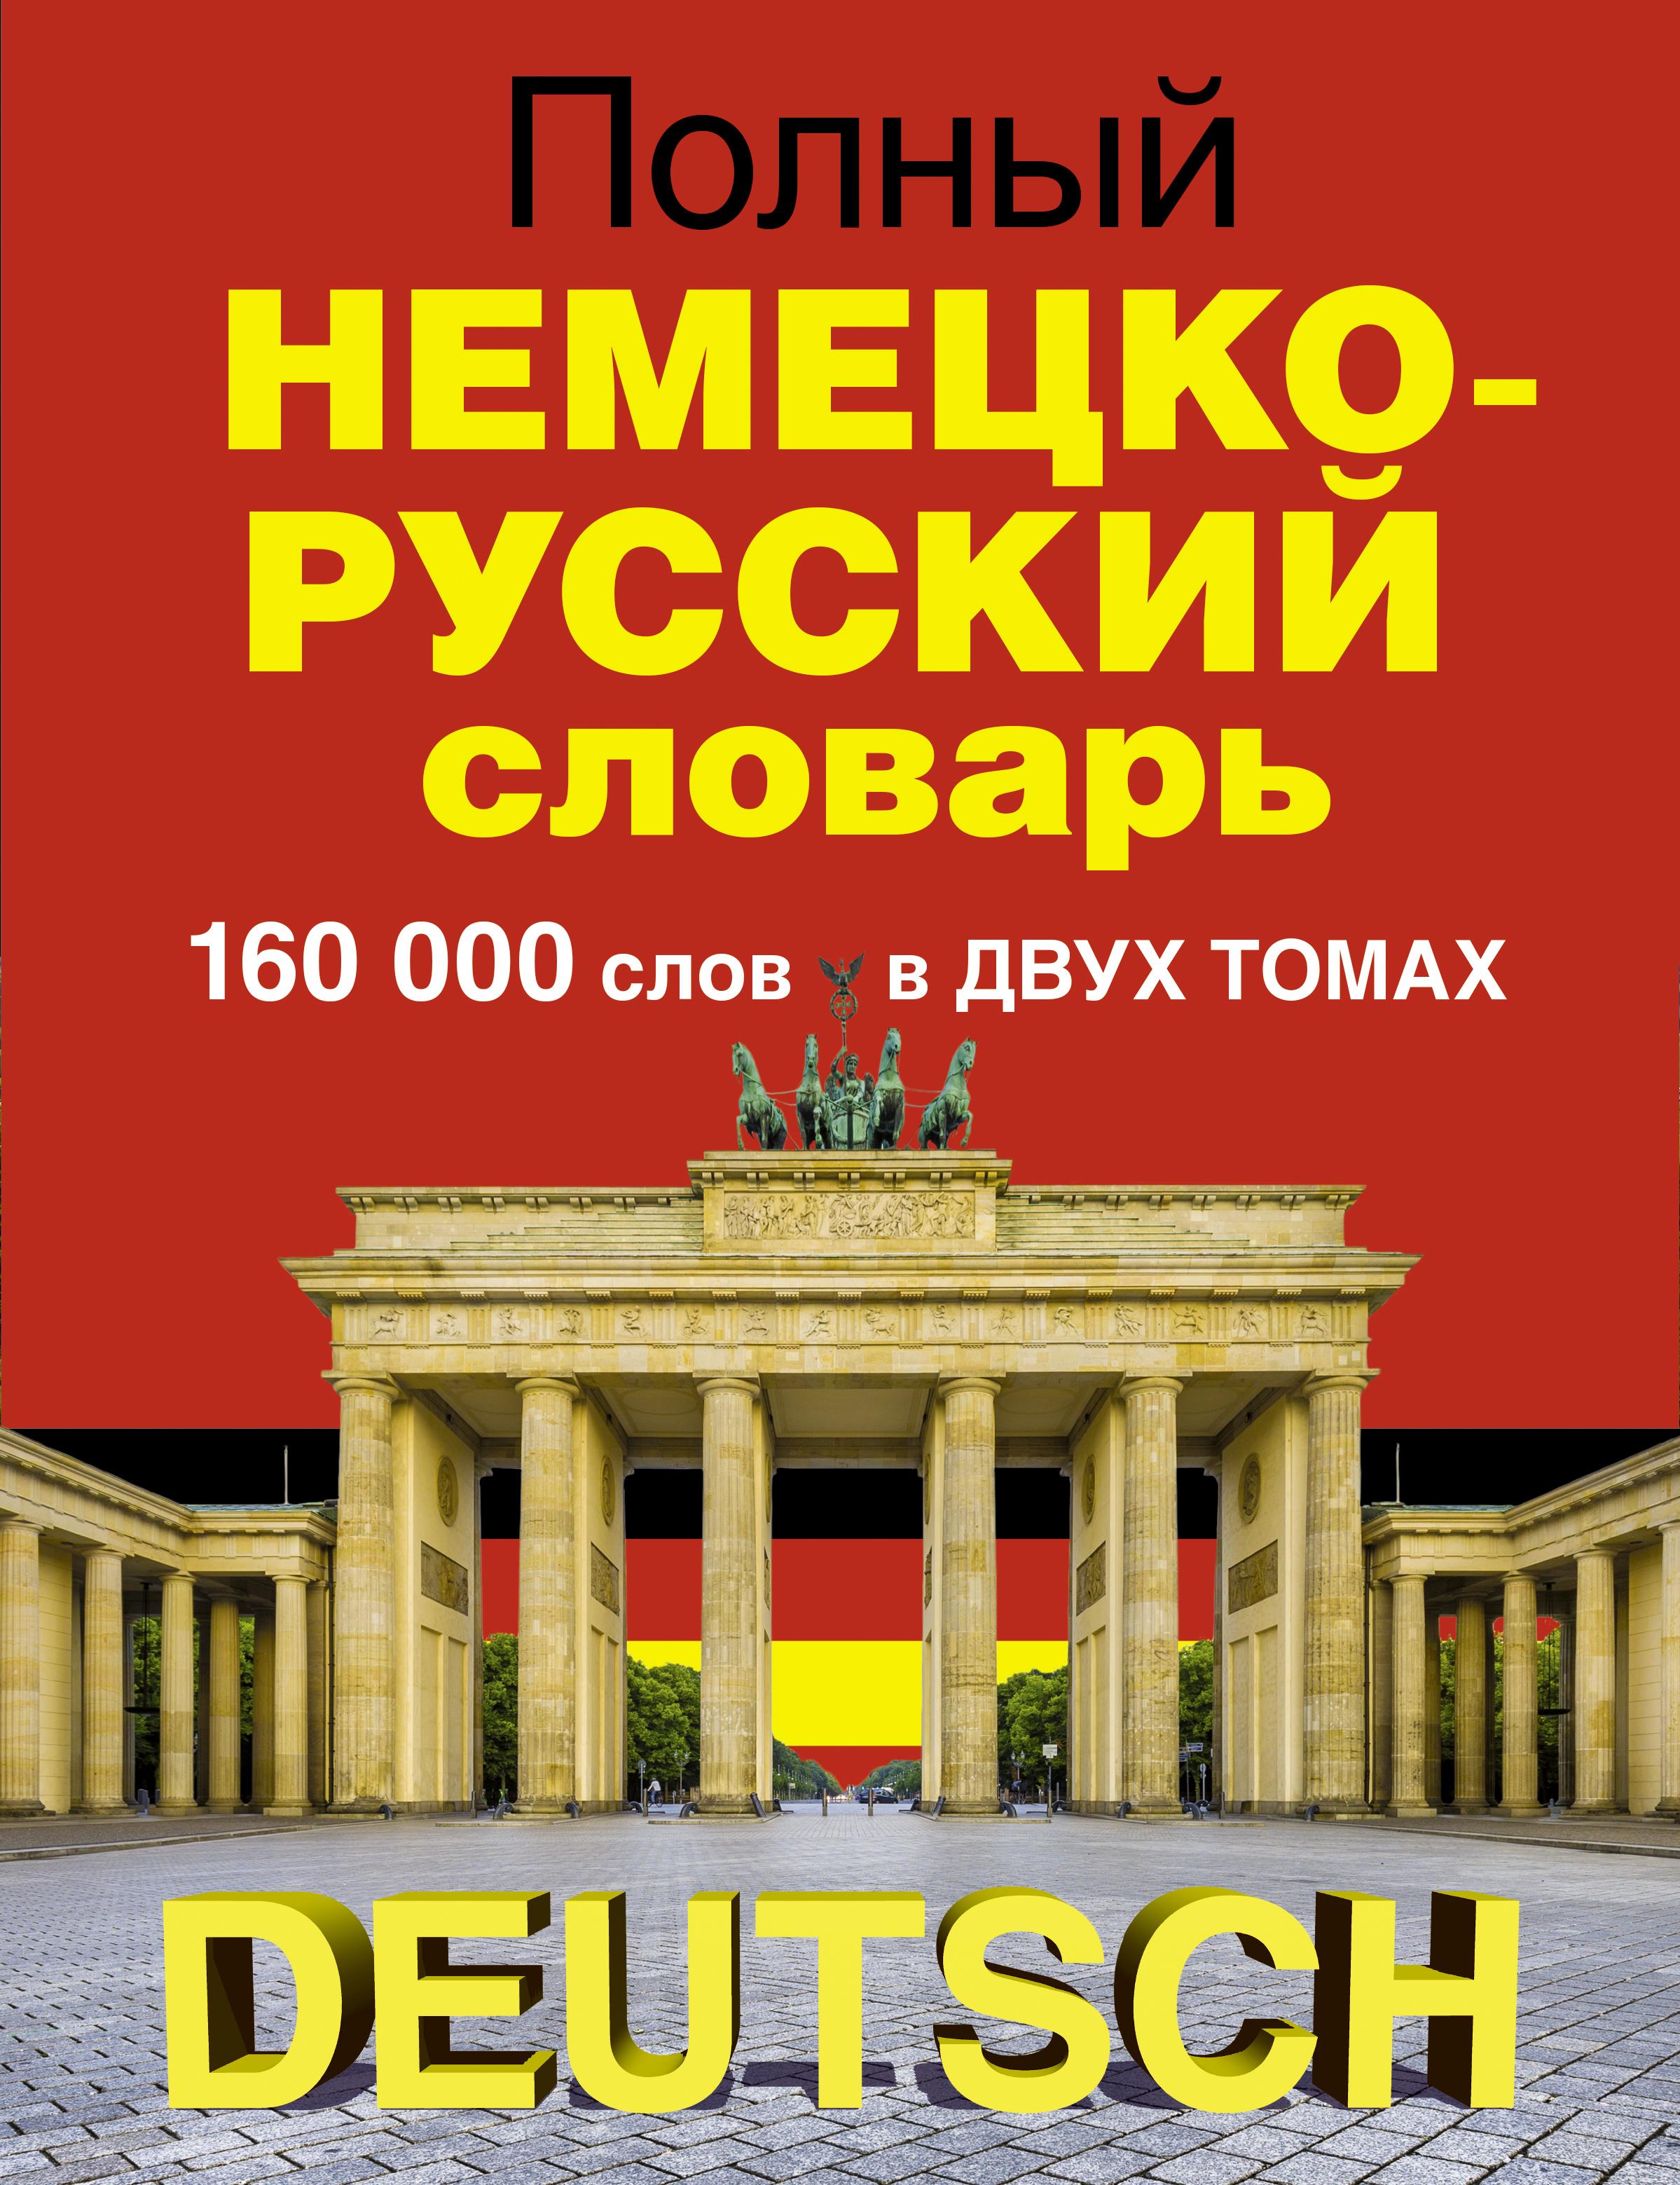 Полный немецко-русский словарь в 2 томах